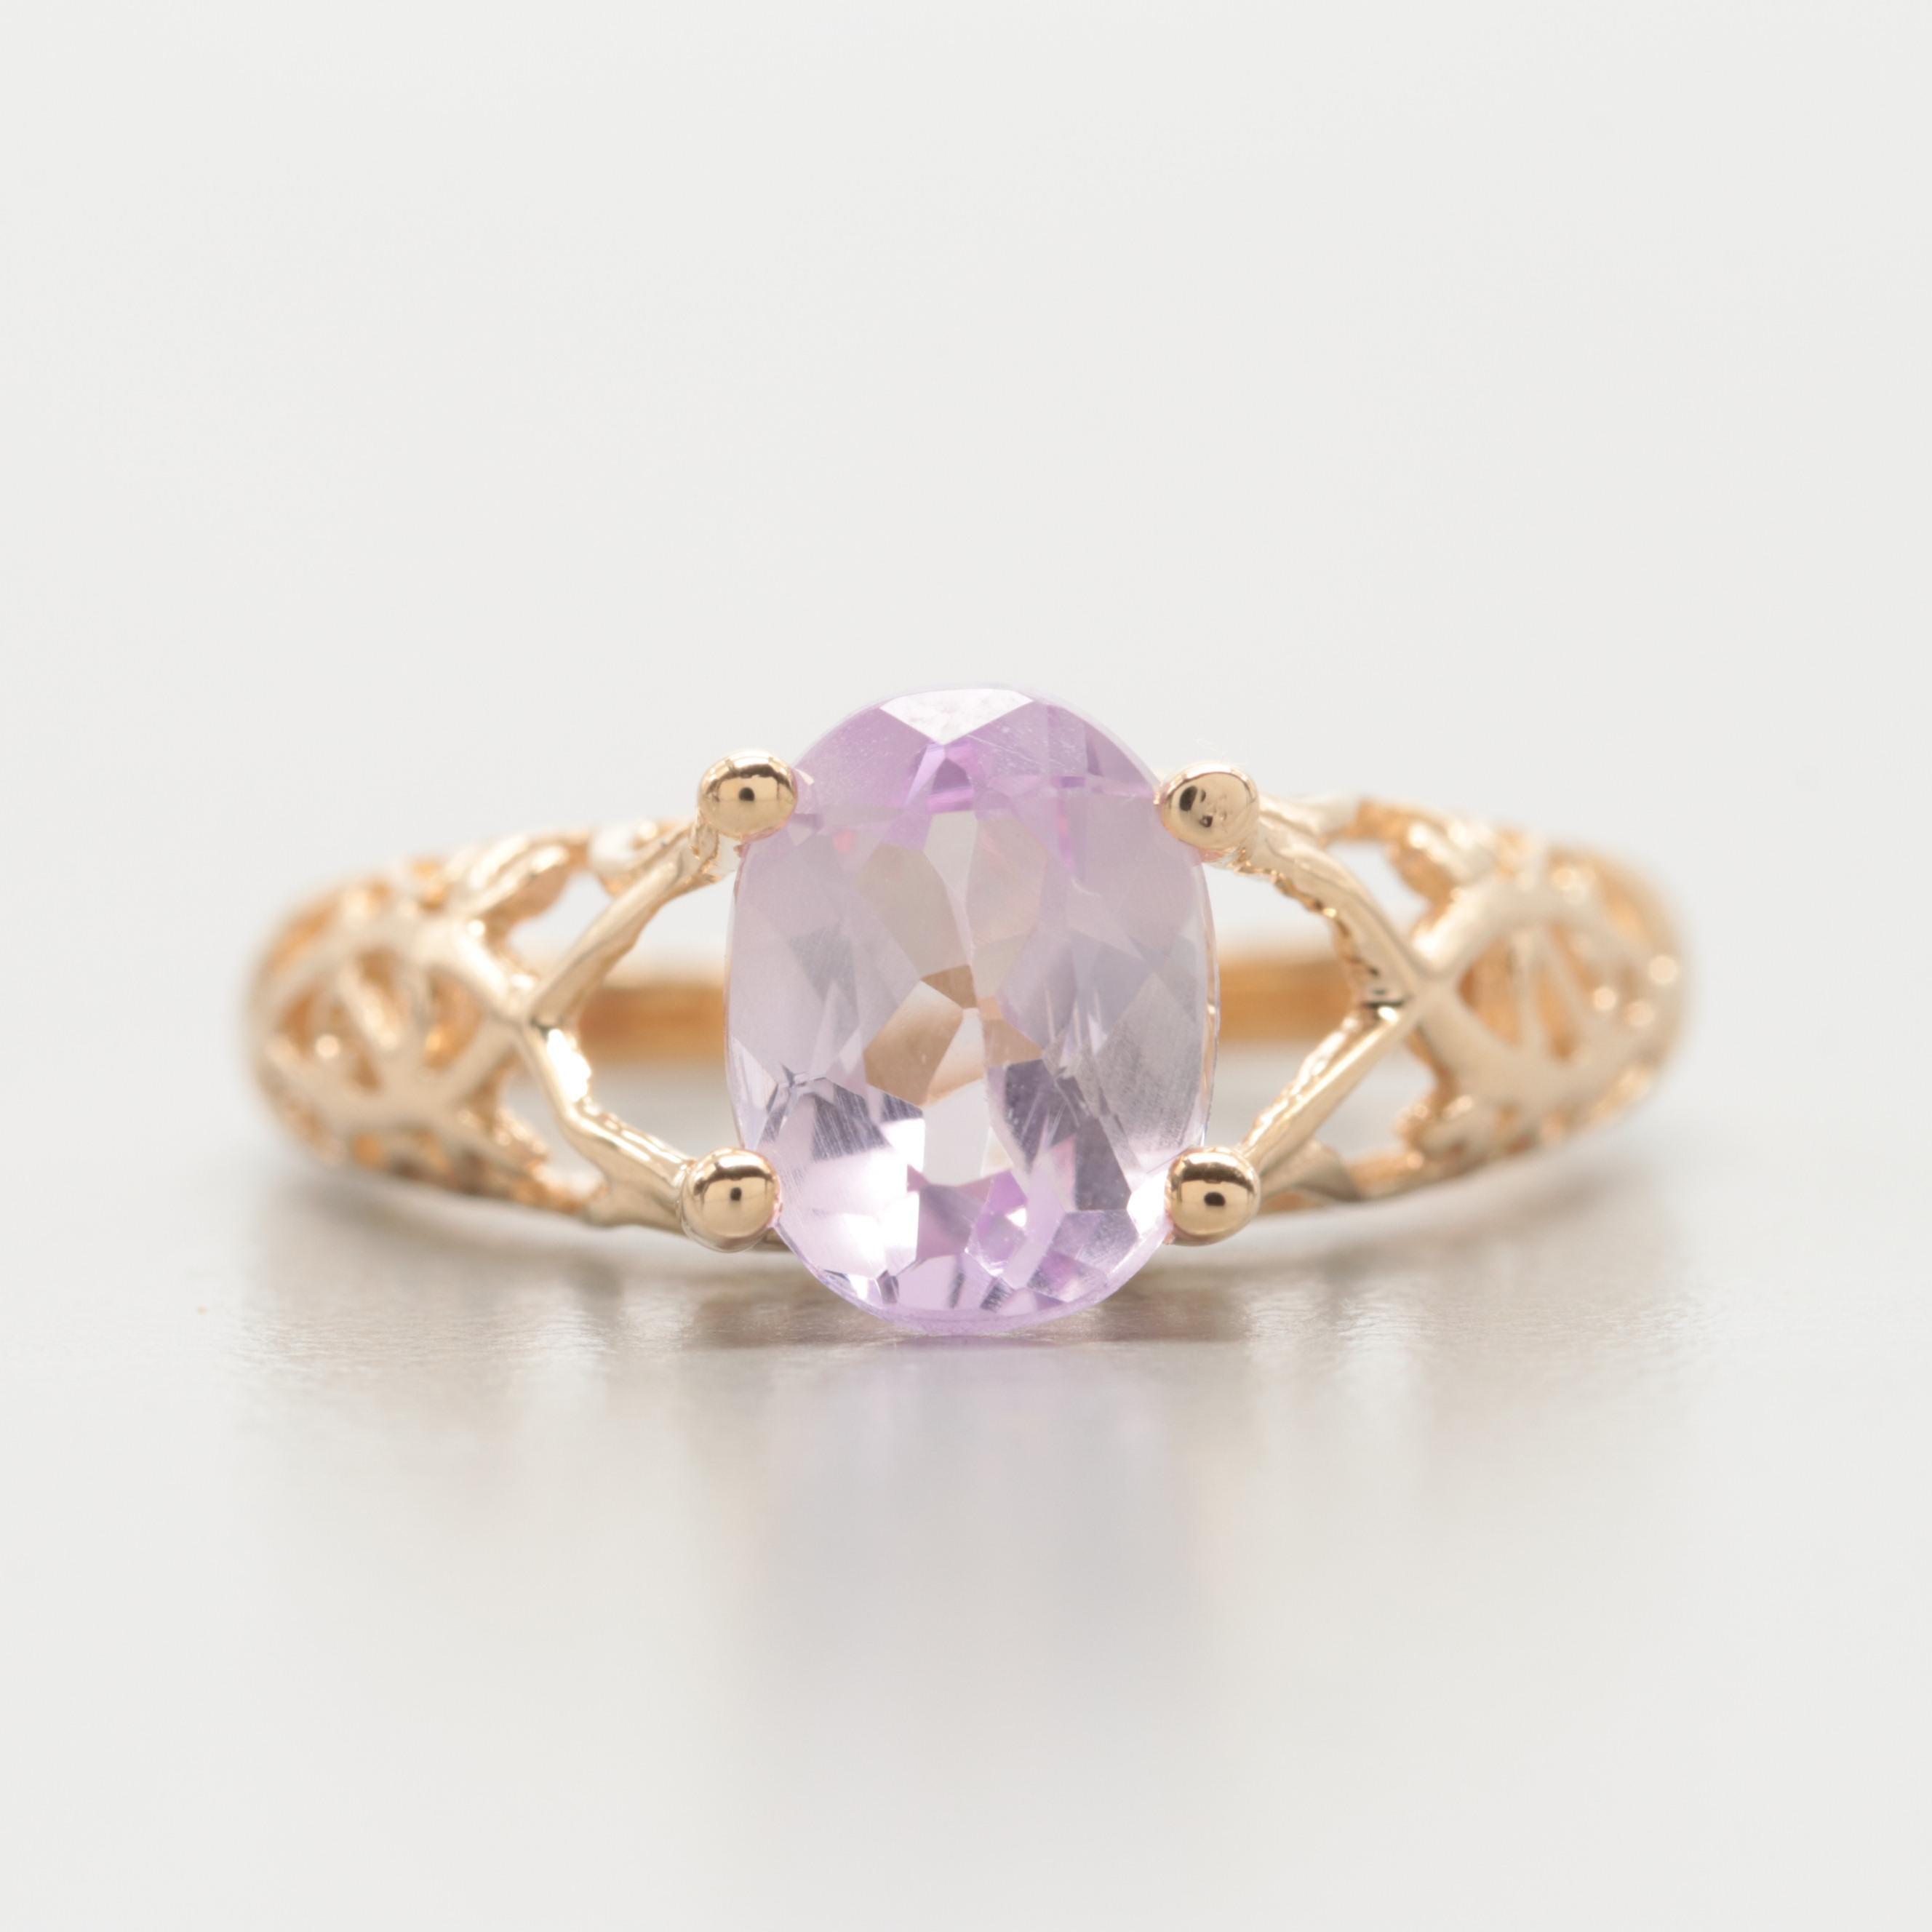 10K Yellow Gold Kunzite Ring